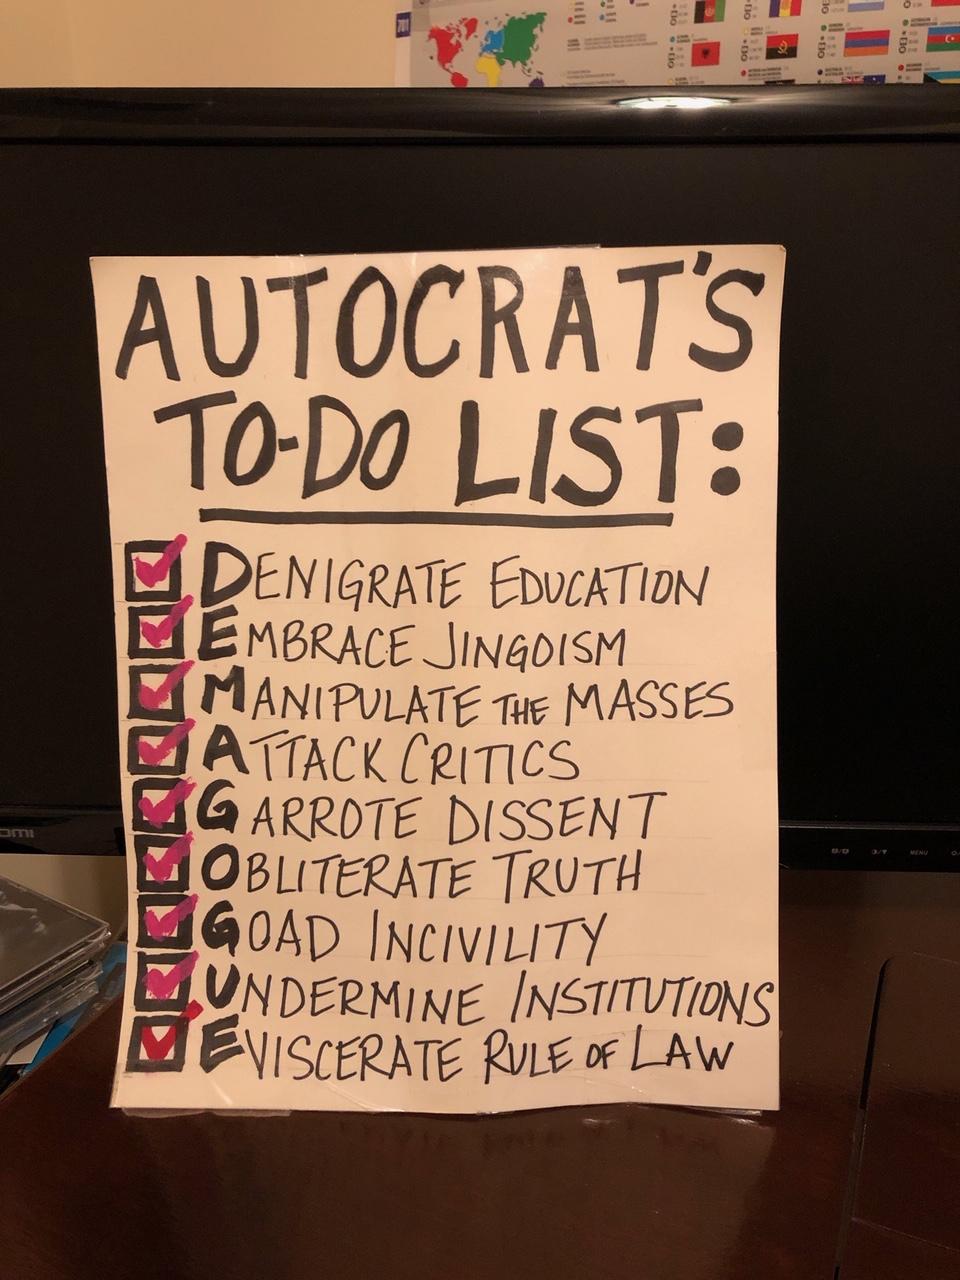 Autocrats ToDo List